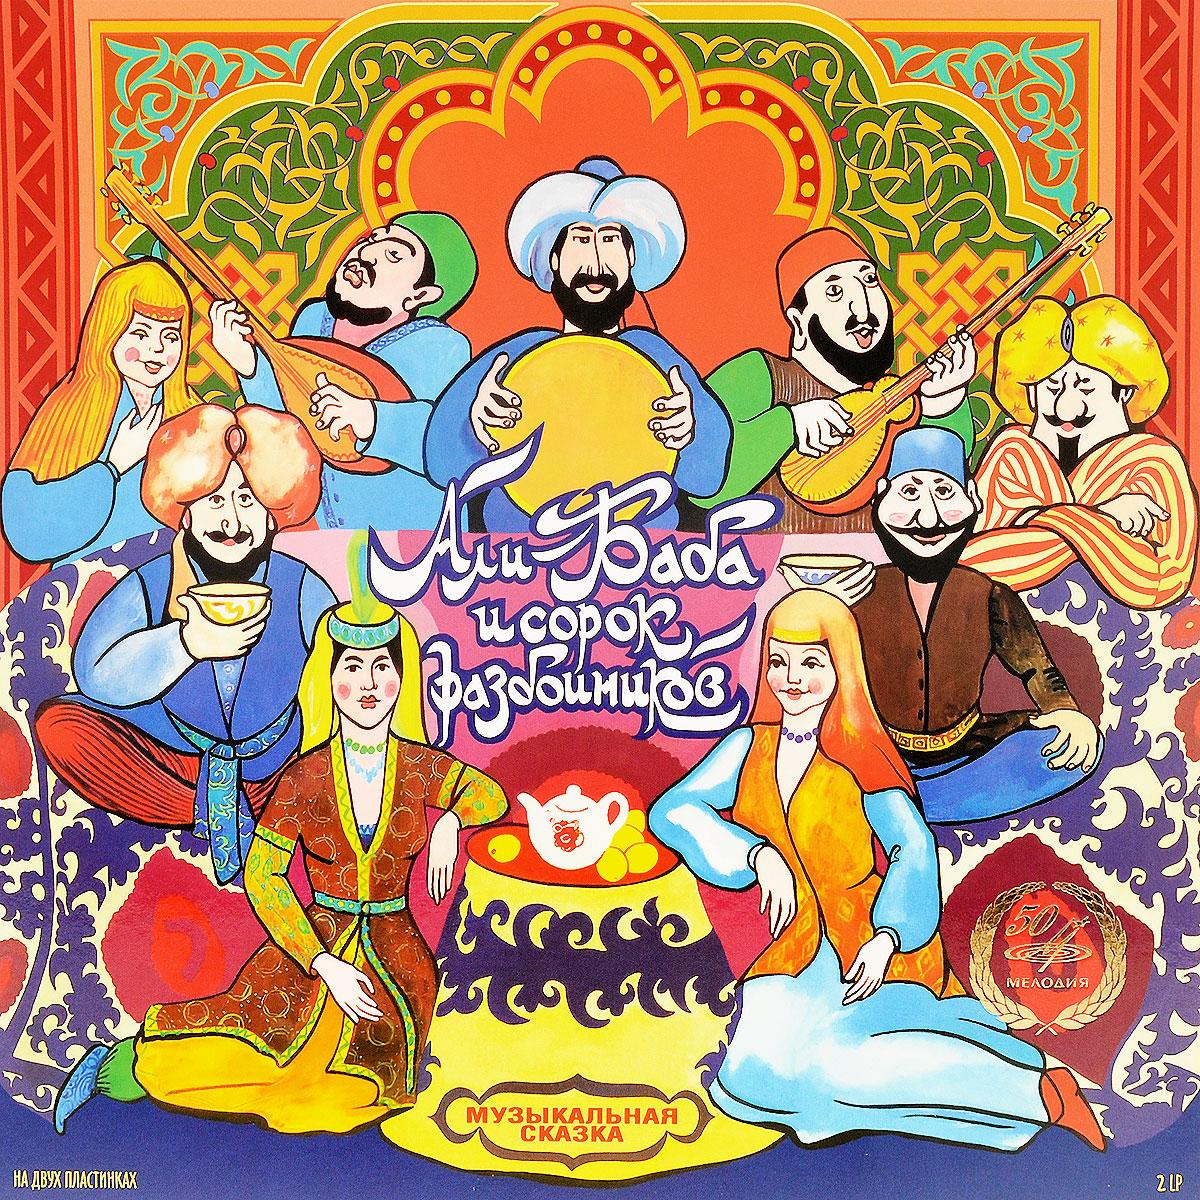 Али-Баба и сорок разбойников. Музыкальная сказка (2 LP)